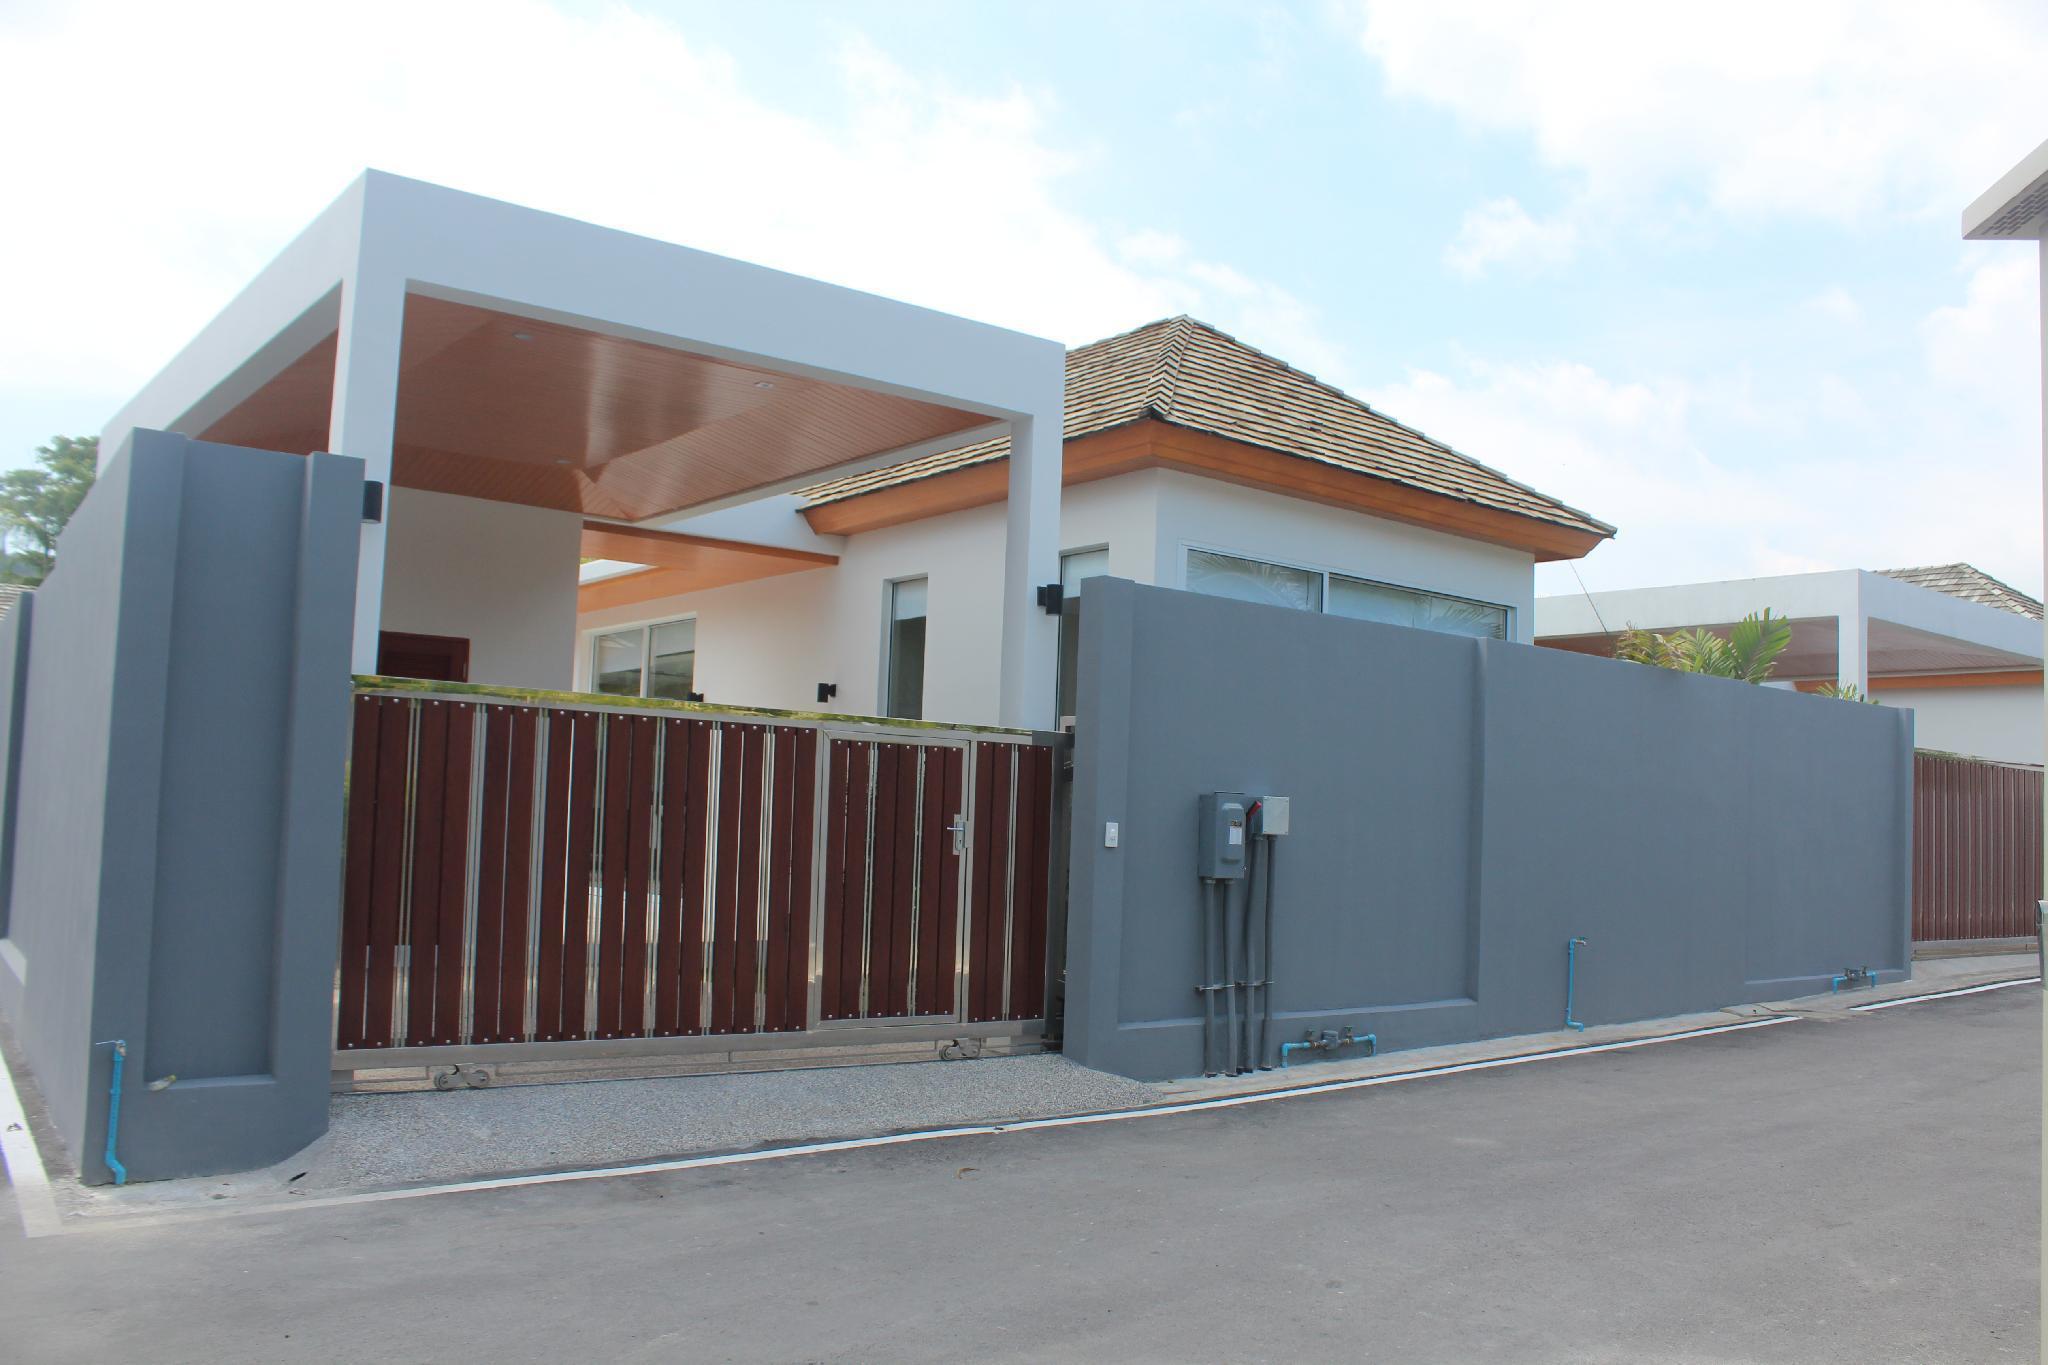 Signature Villa 2 bedroom วิลลา 2 ห้องนอน 2 ห้องน้ำส่วนตัว ขนาด 400 ตร.ม. – ในหาน